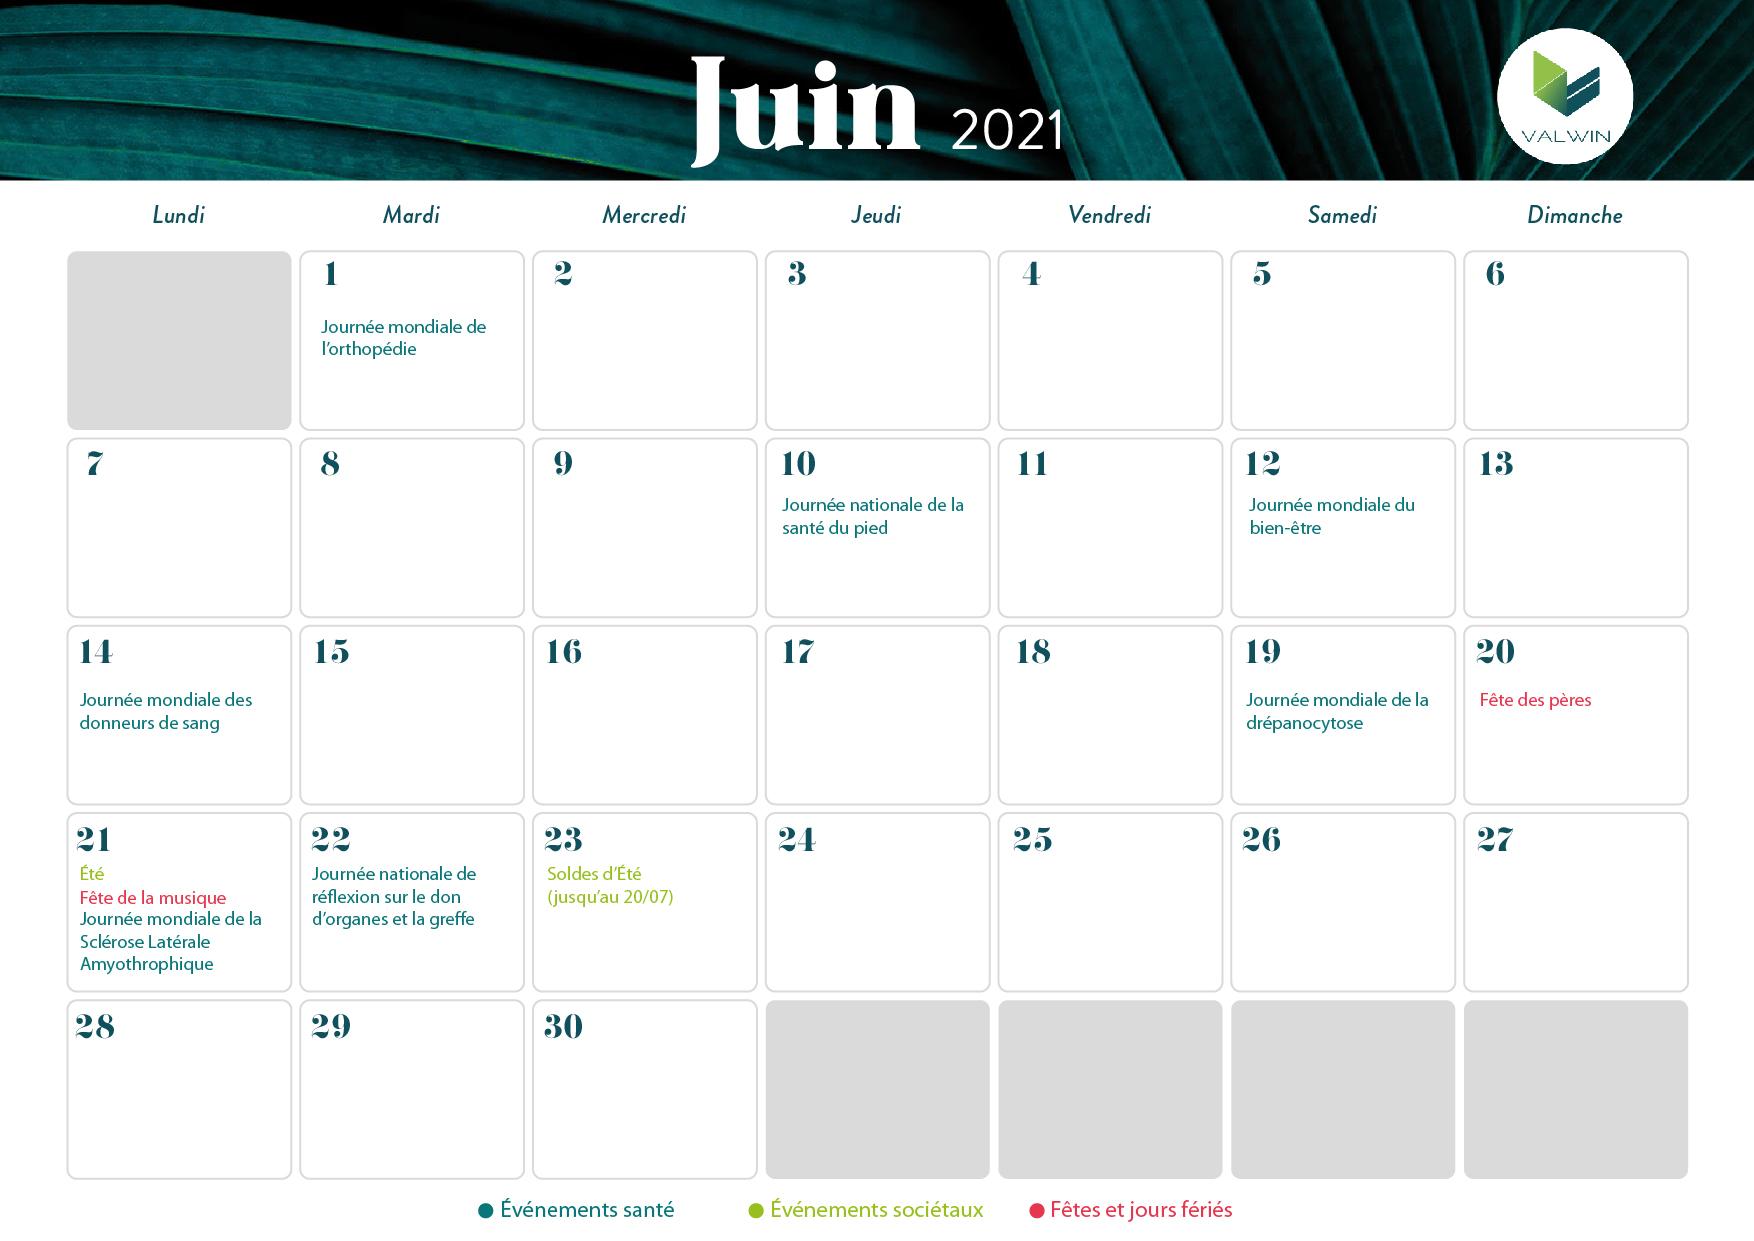 liste-toutes-les-journées-mondiales-de-Santé-juin-2021.jpg